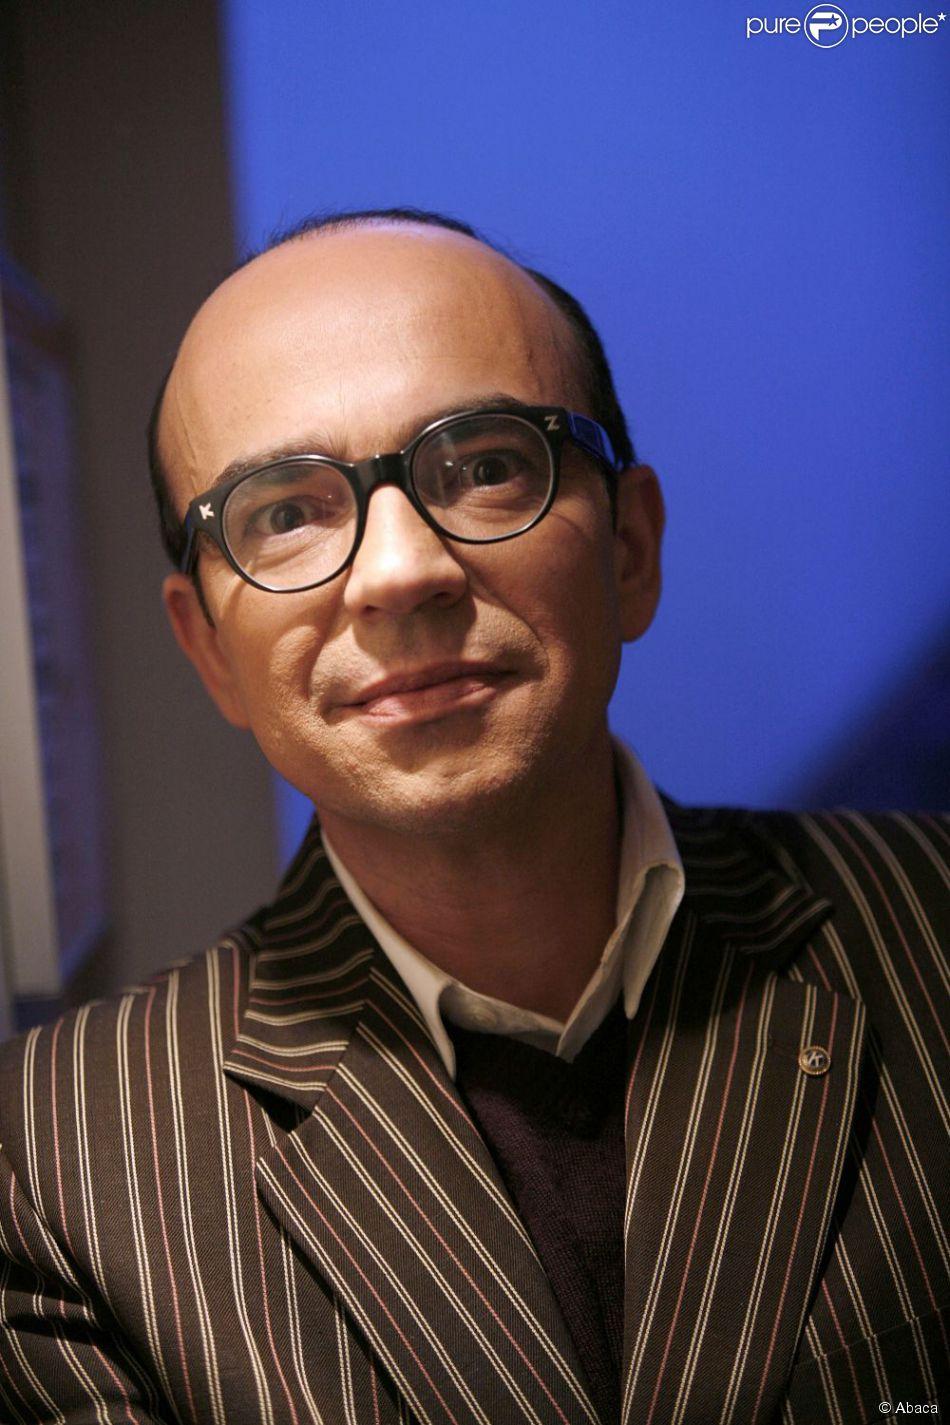 Karl Zéro lors d'un enregistrement à Saint-Denis le 18 décembre 2007